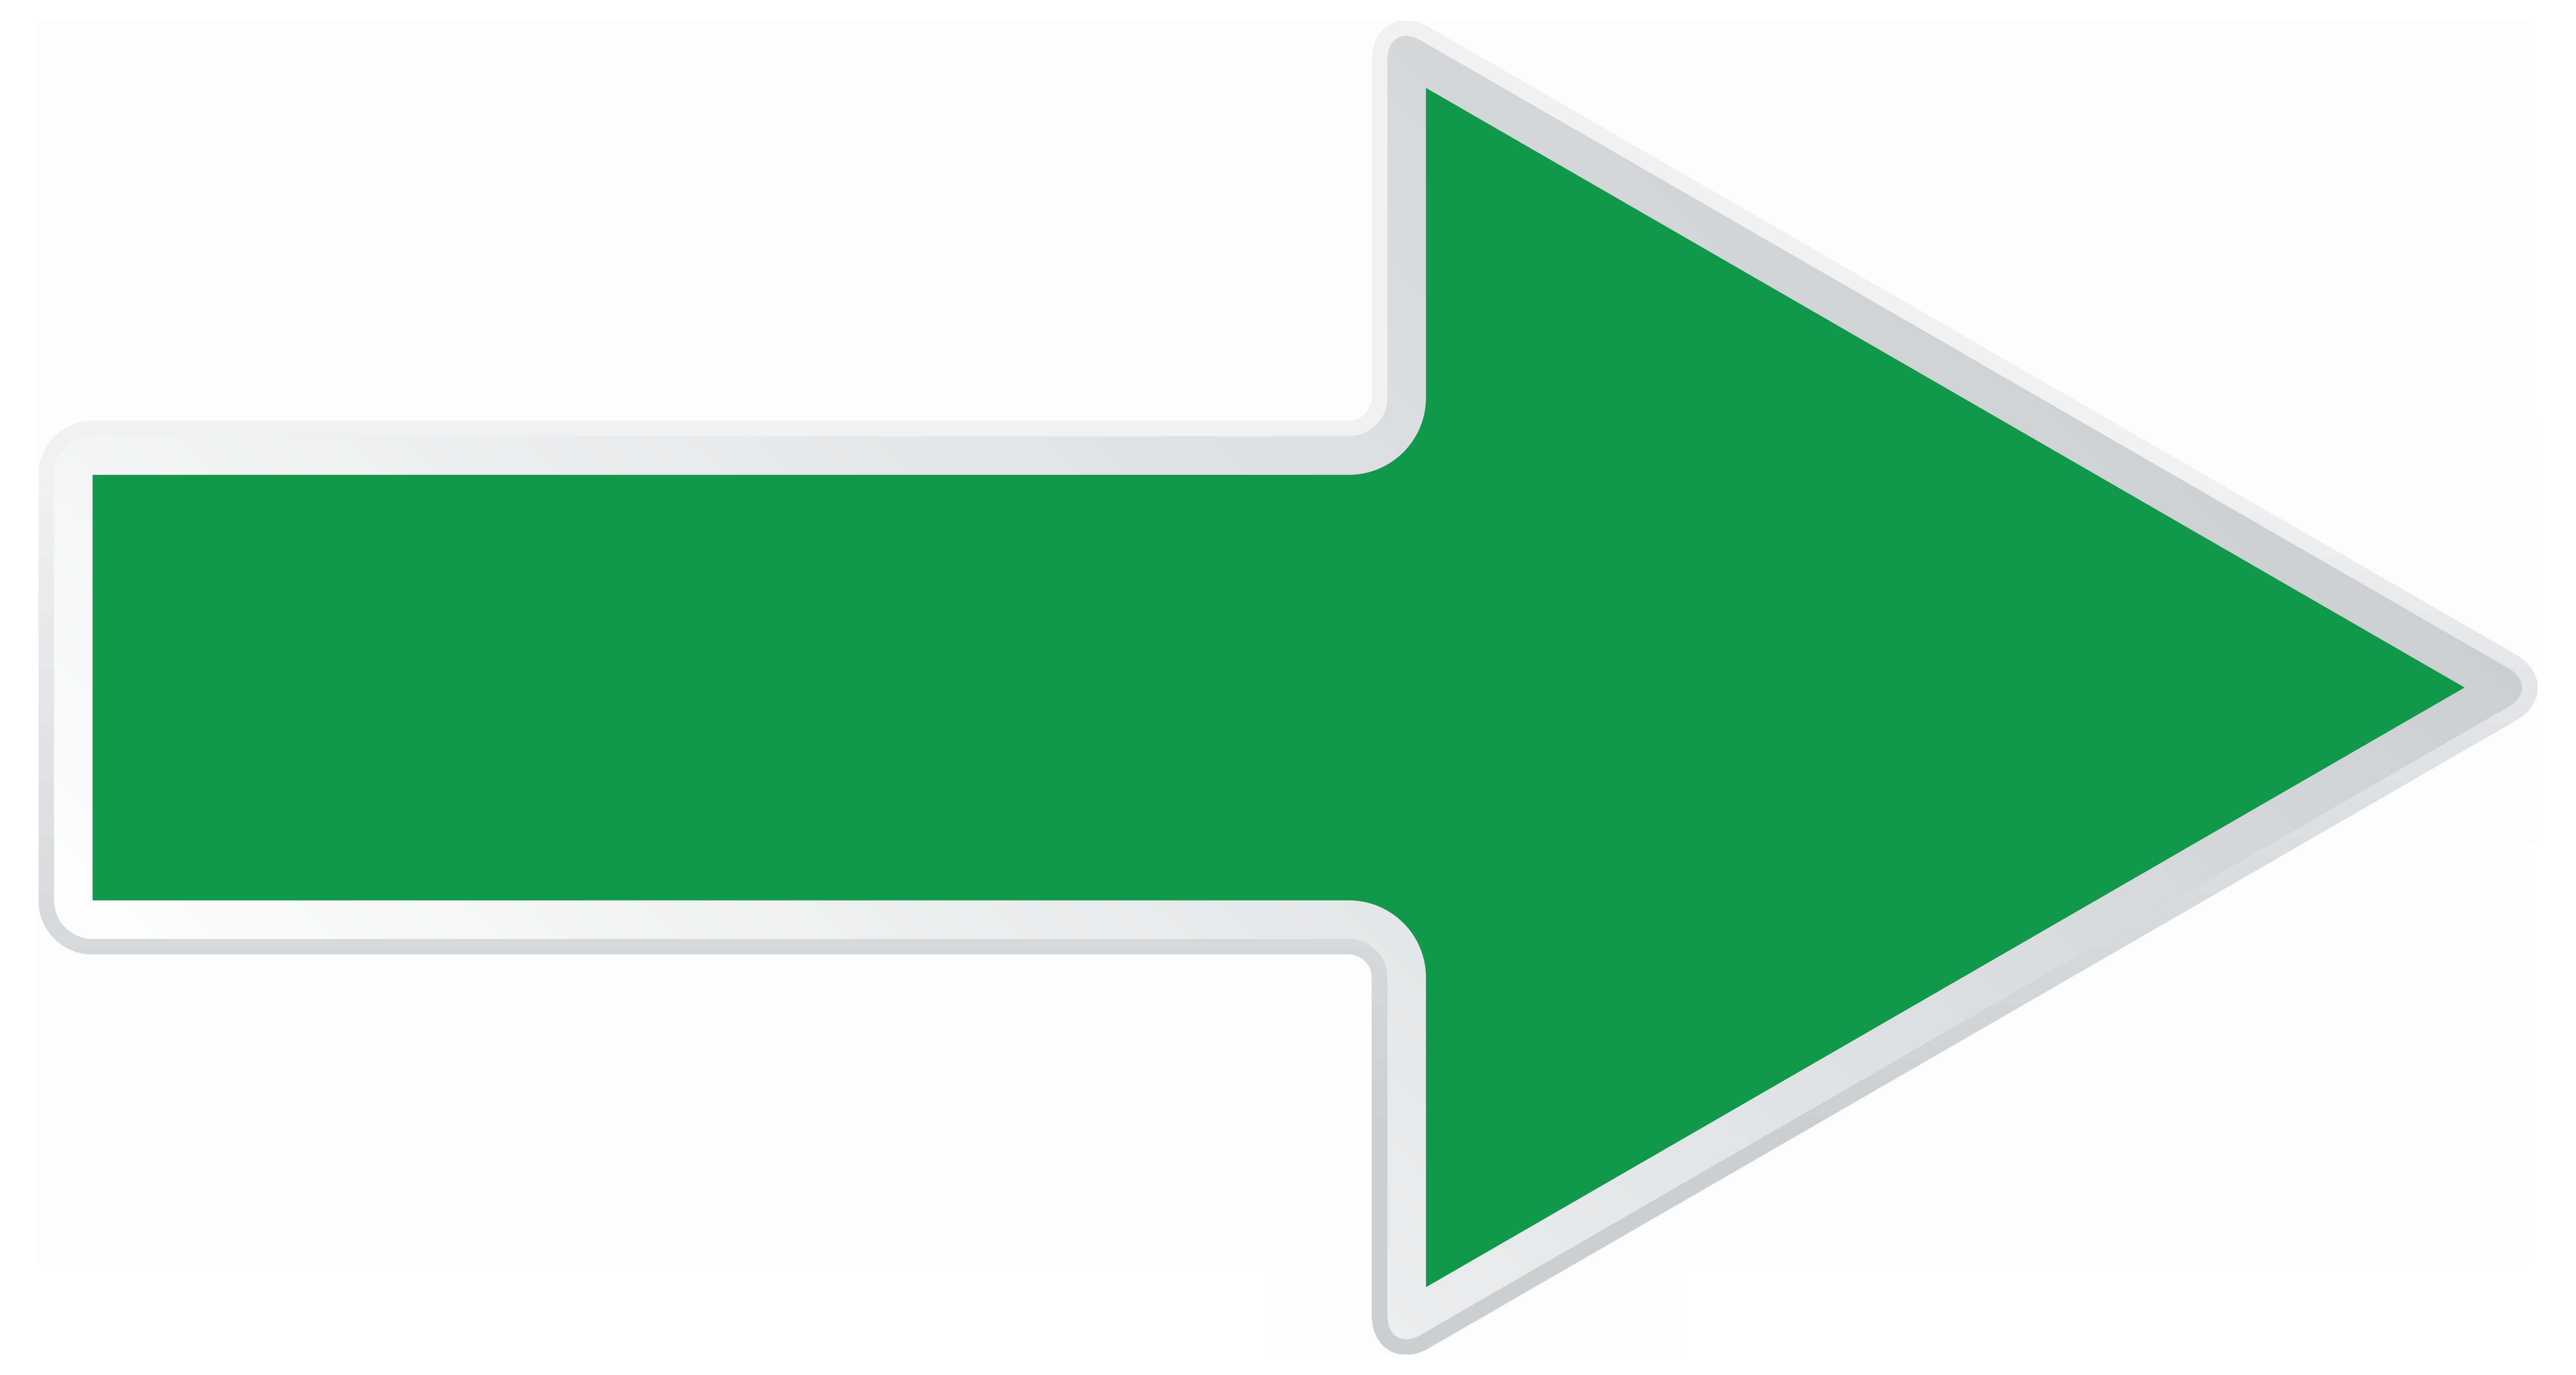 Green Right Arrow Transparent PNG Clip Art Image